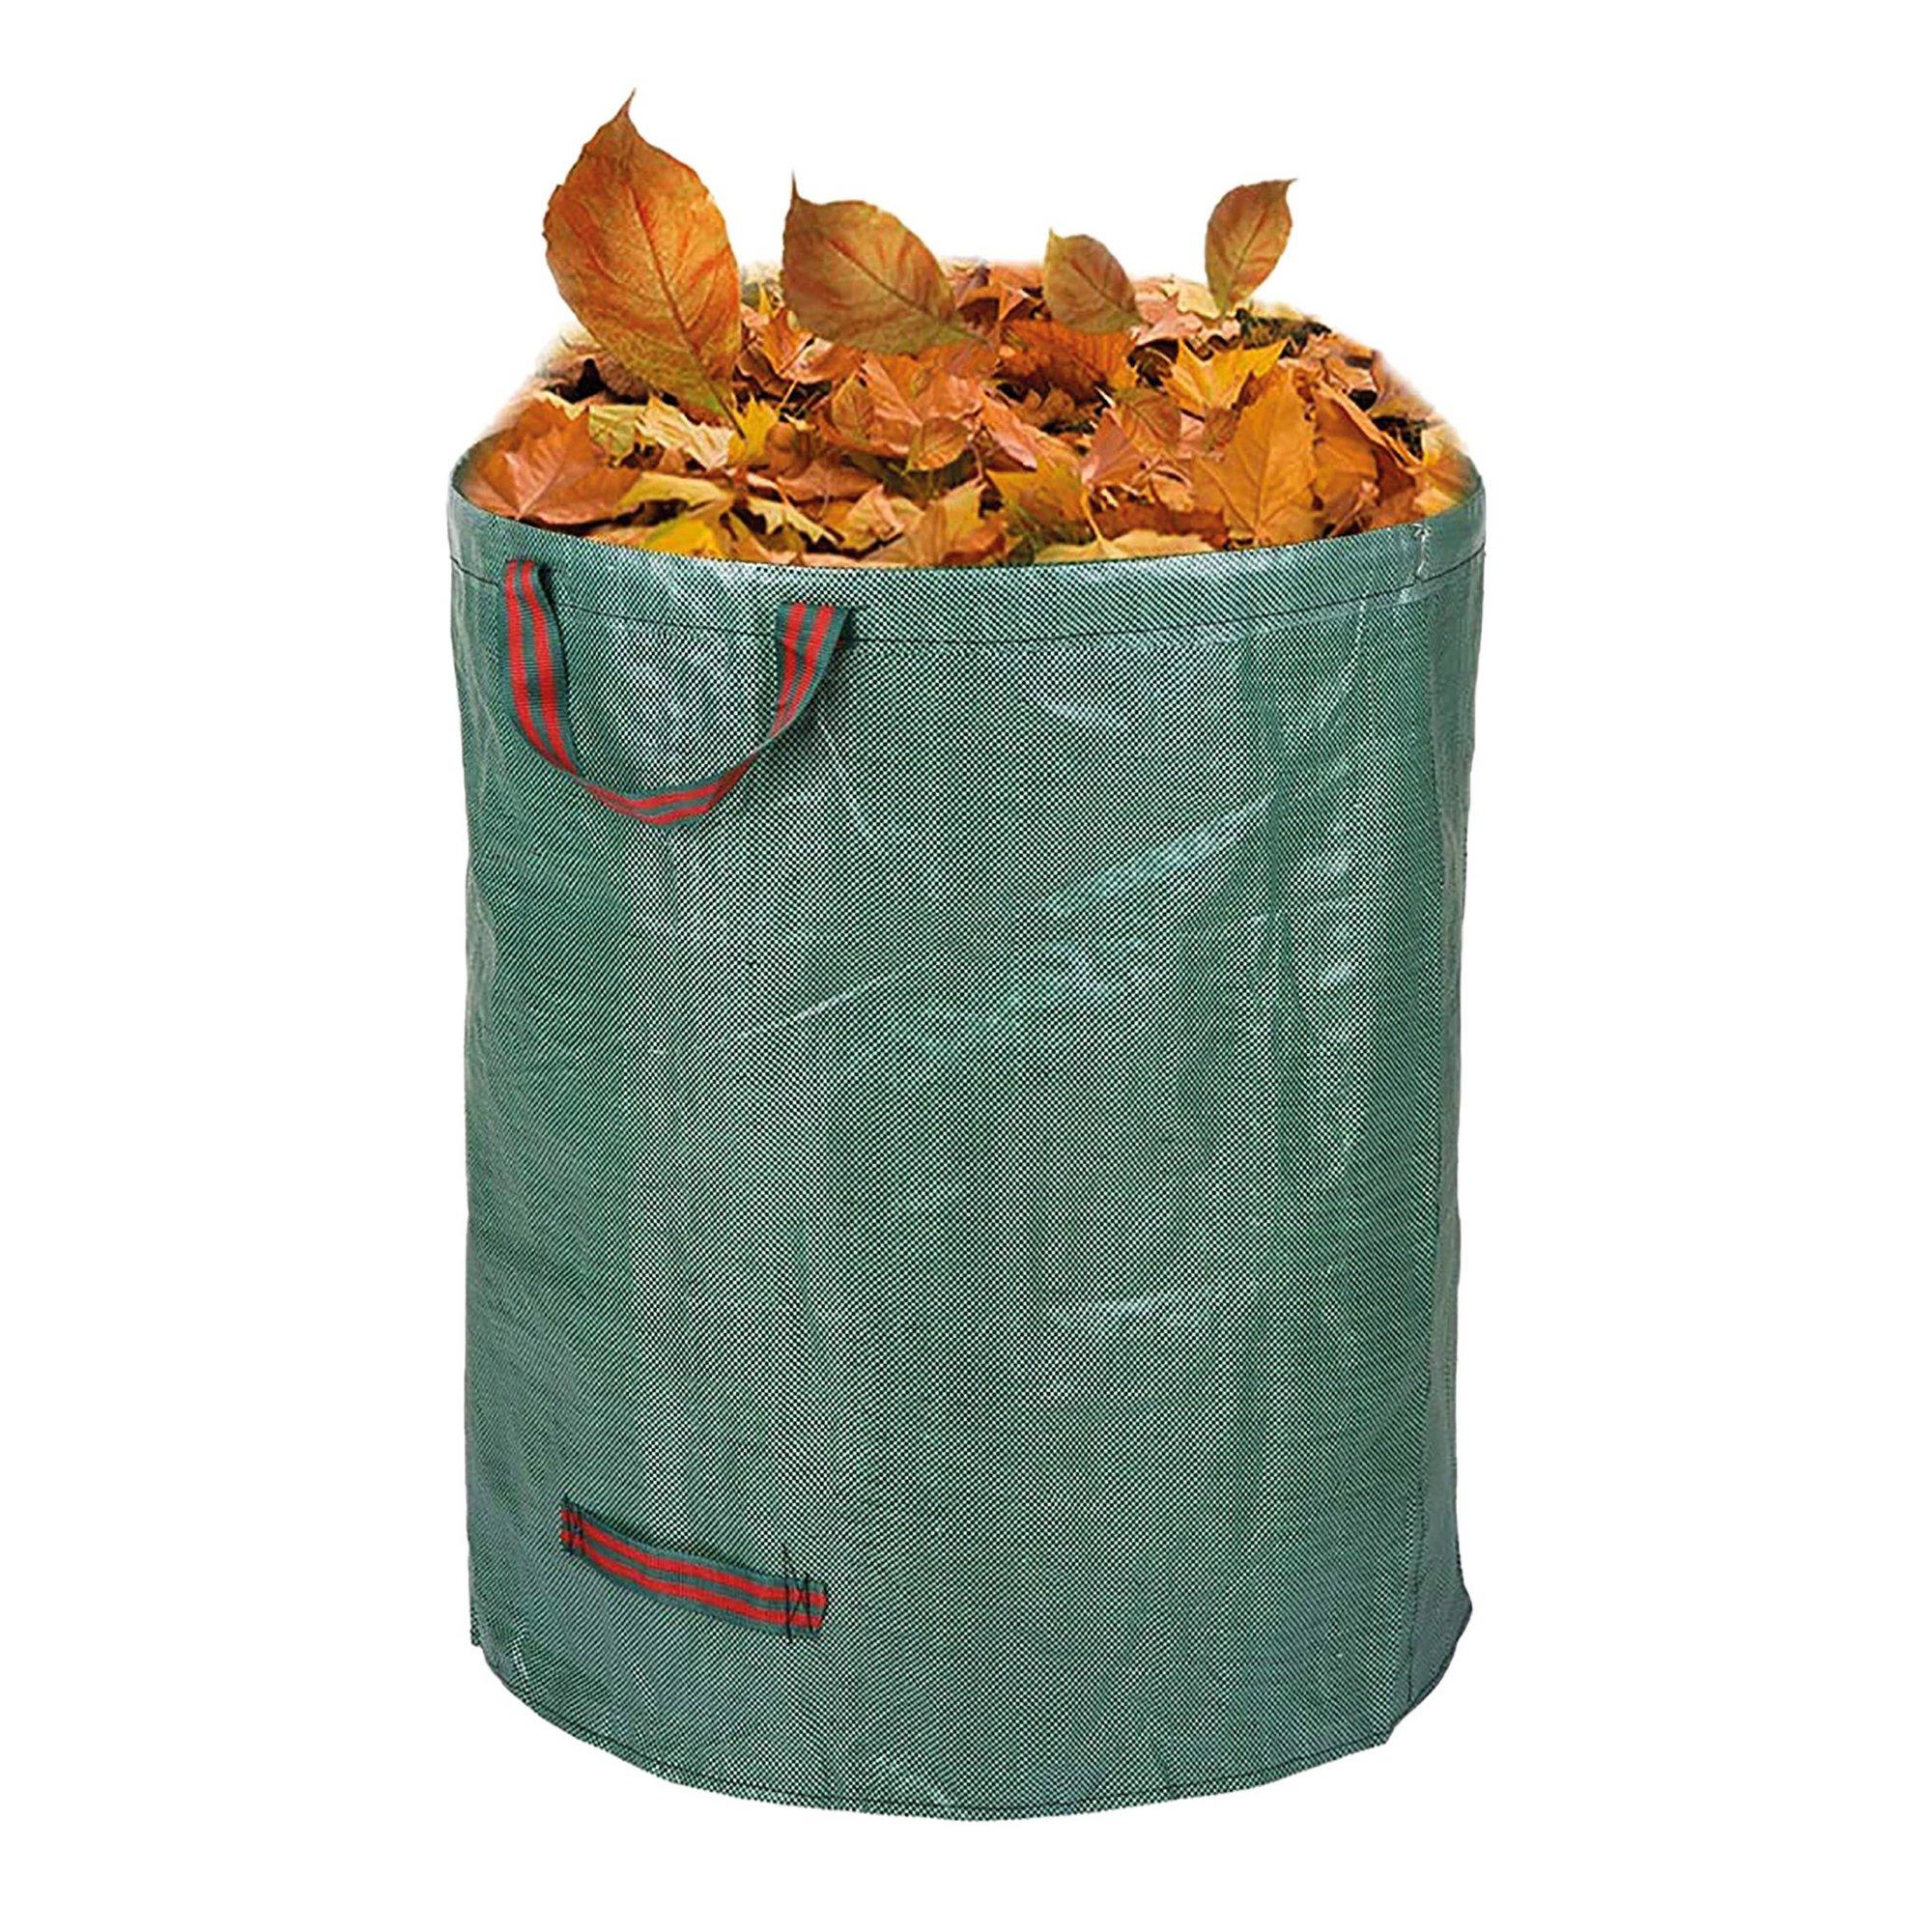 Image of 135 Litre Heavy Duty Garden Waste Bag Single